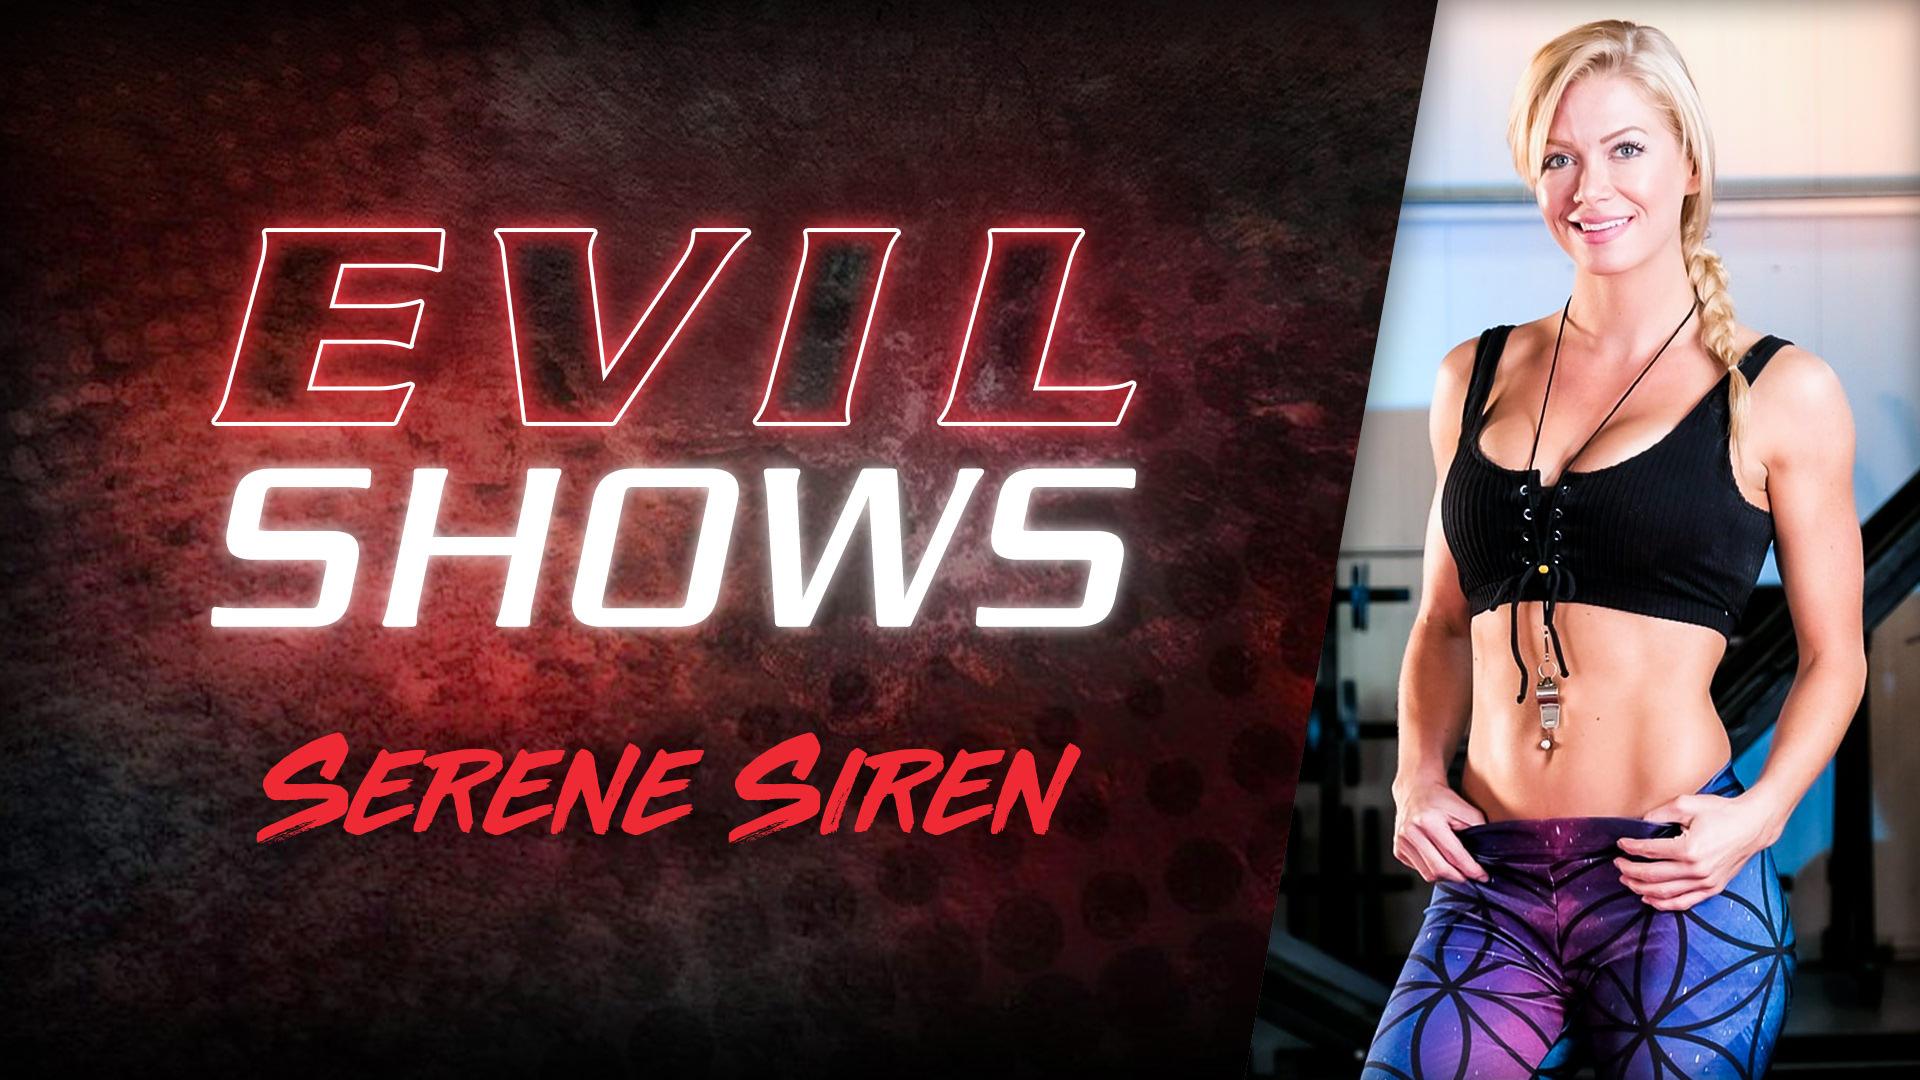 Evil Shows - Serene Siren - Serene Siren 1